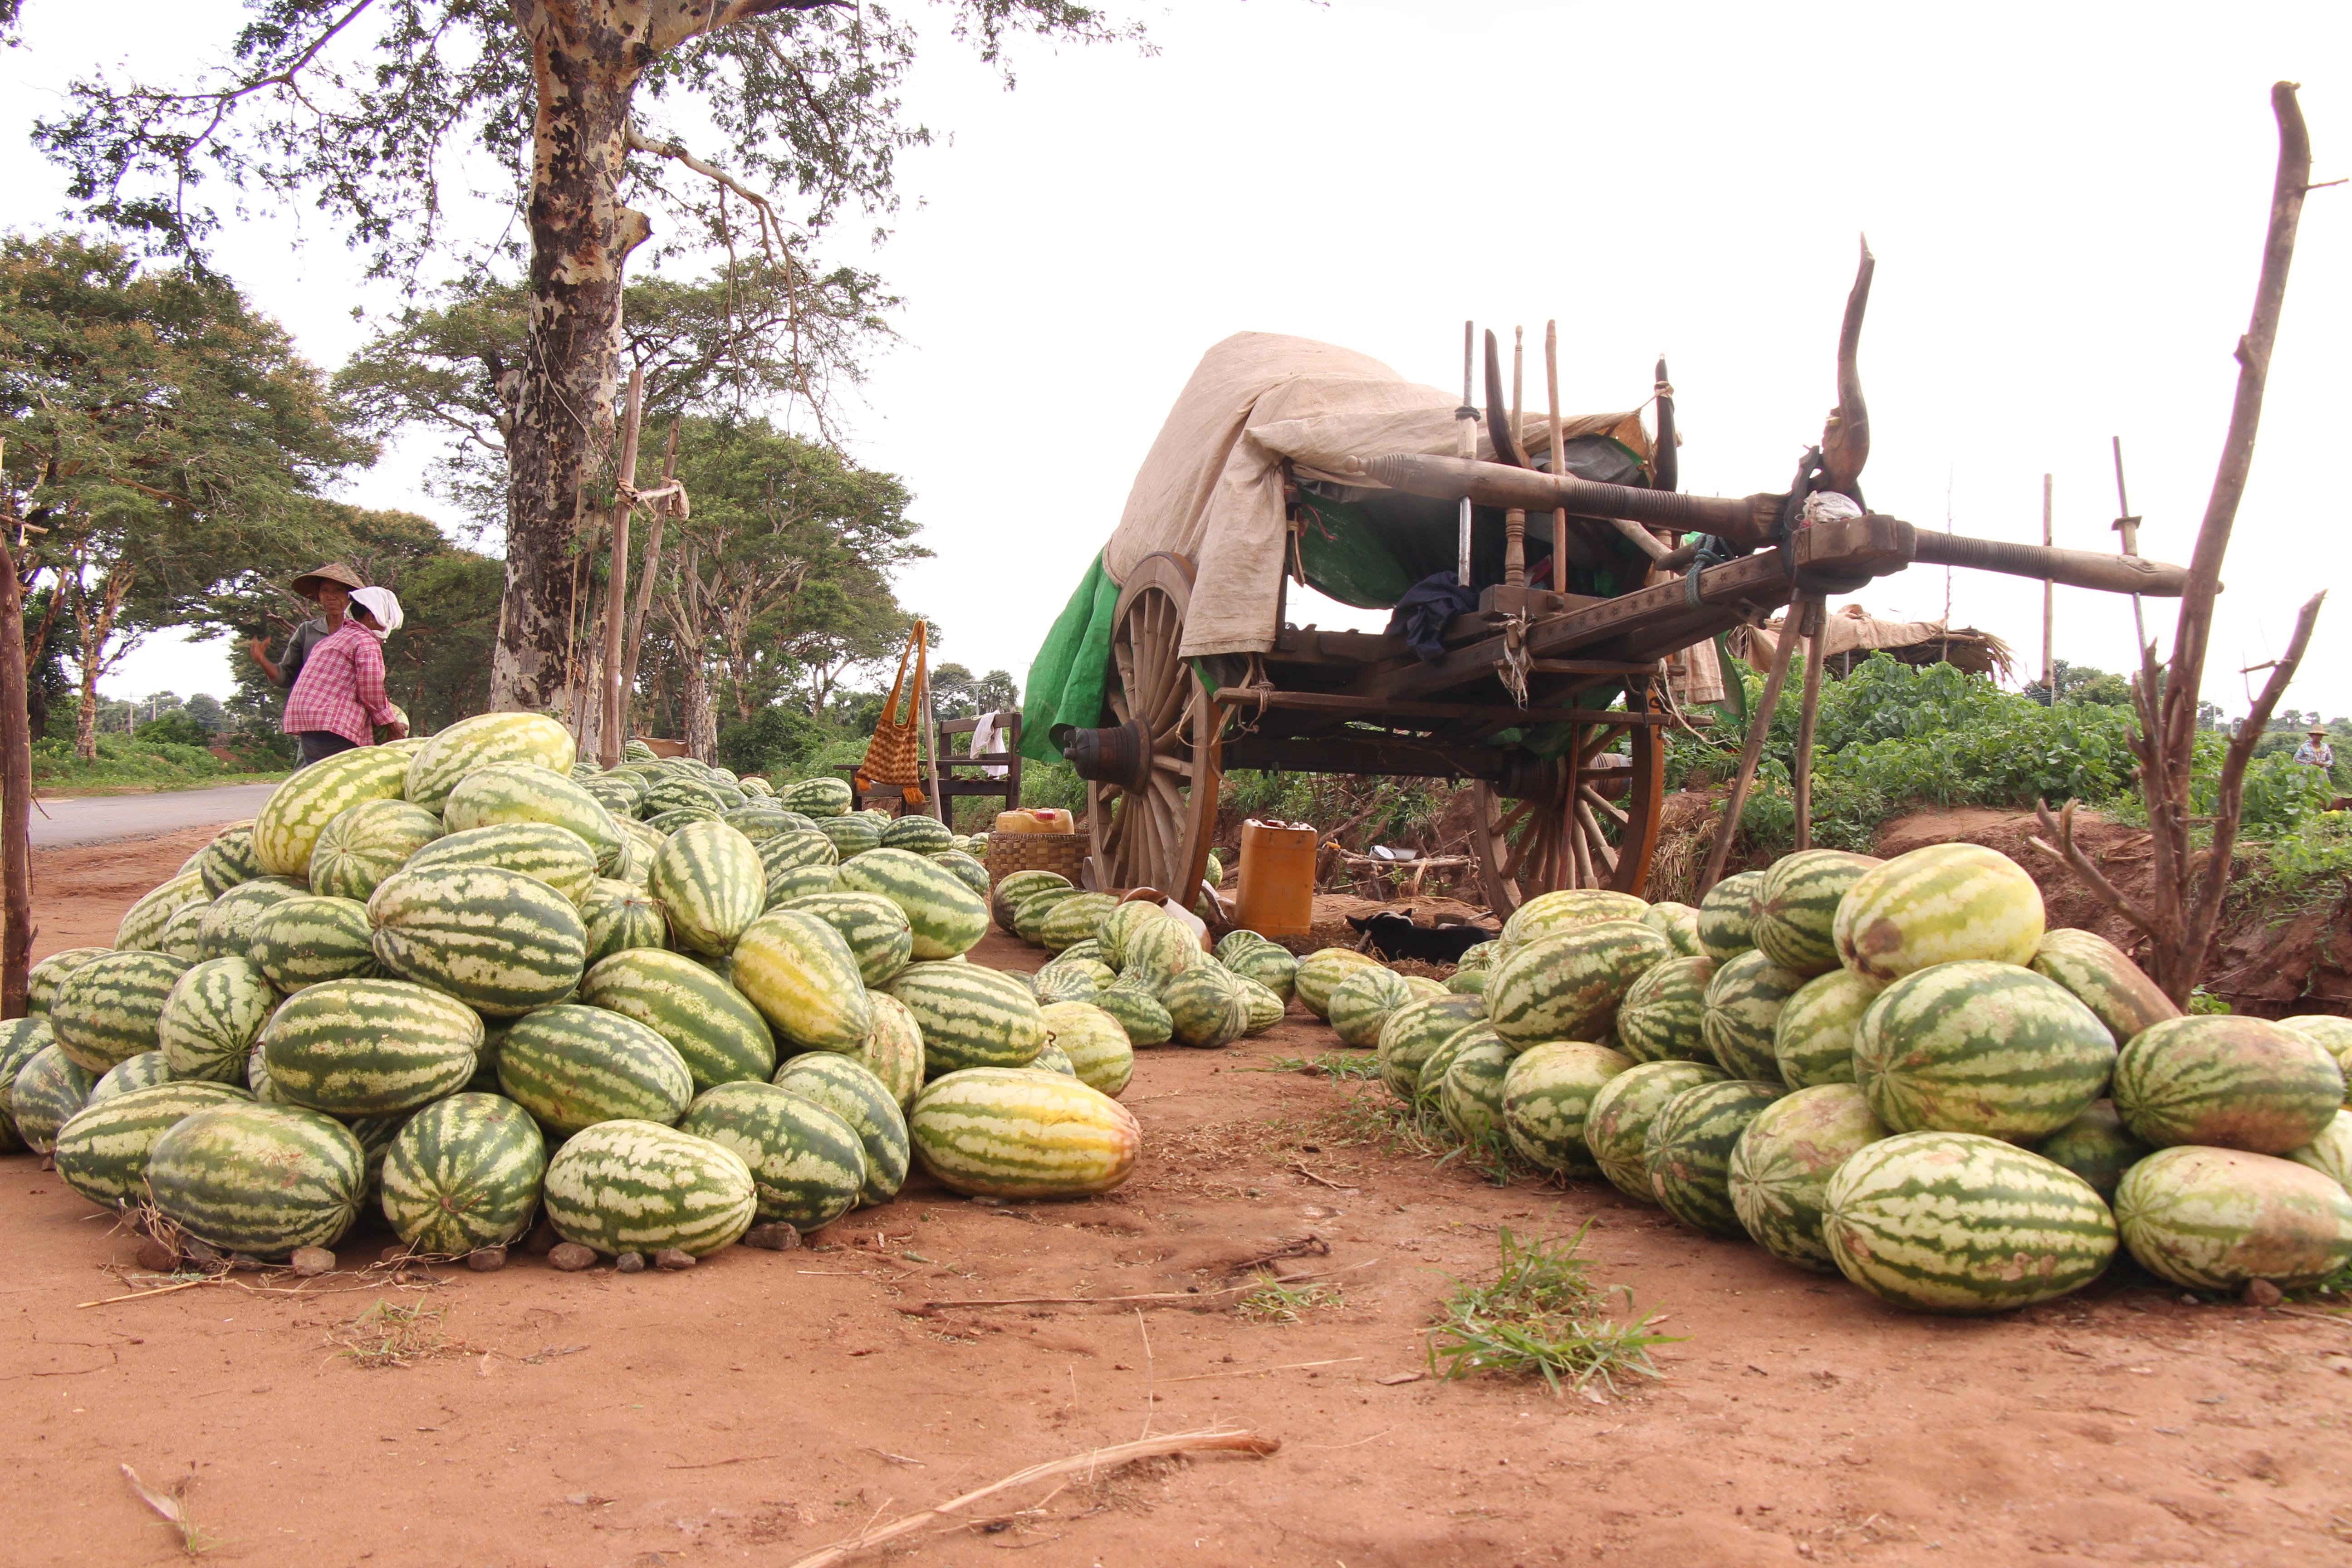 သာစည်မြို့နယ်တွင် ဖရဲနှင့်သခွား သီးနှံကို တောင်သူအချင်းချင်း စုပေါင်းစိုက်ပျိုးမည်